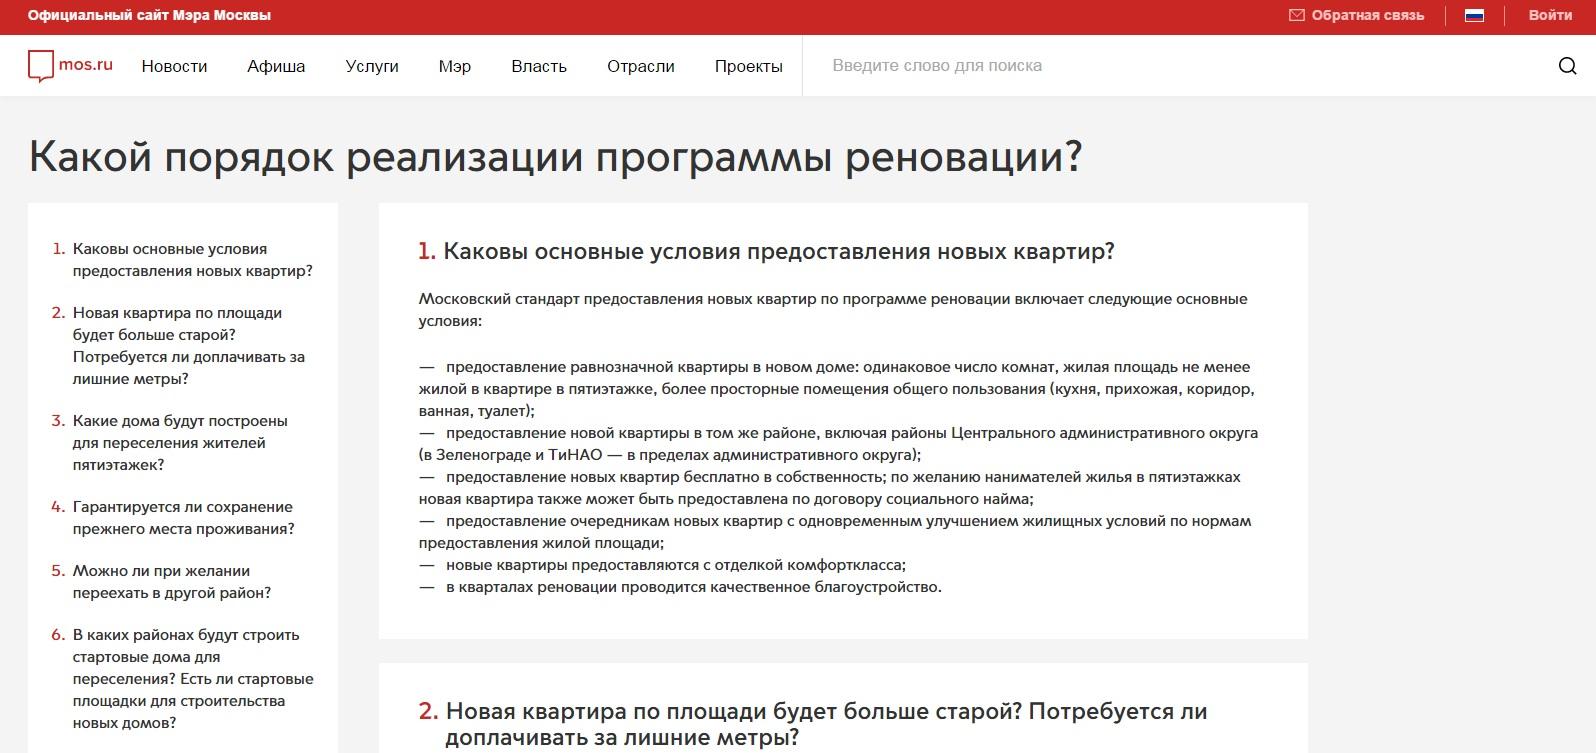 Раздел вопросов-ответов о сносе пятиэтажек на сайте Правительства Москвы